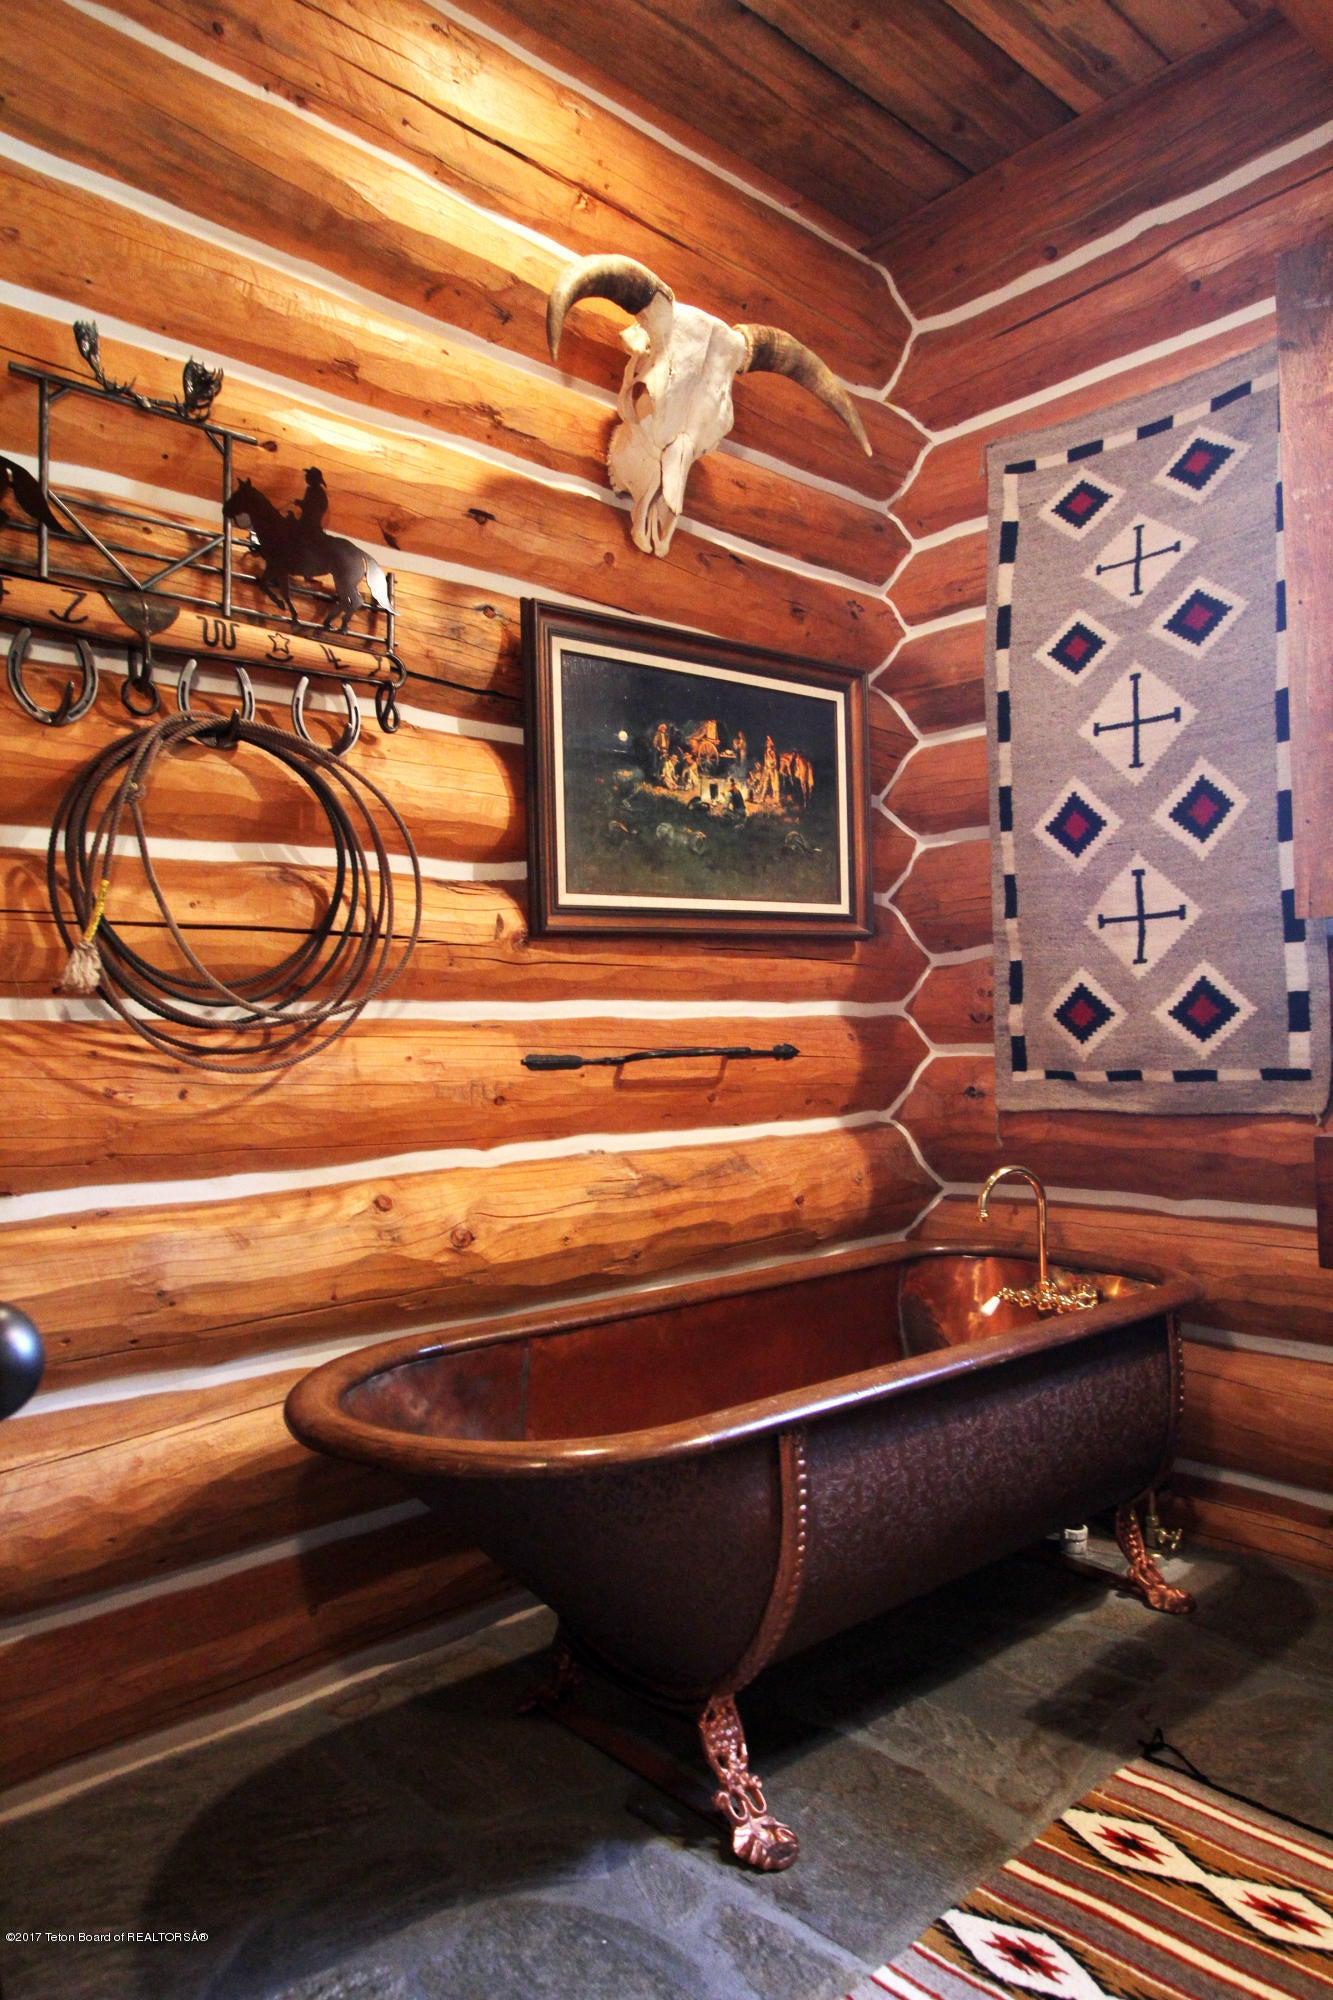 Womack Bunk Room Bath 1 300 dpi